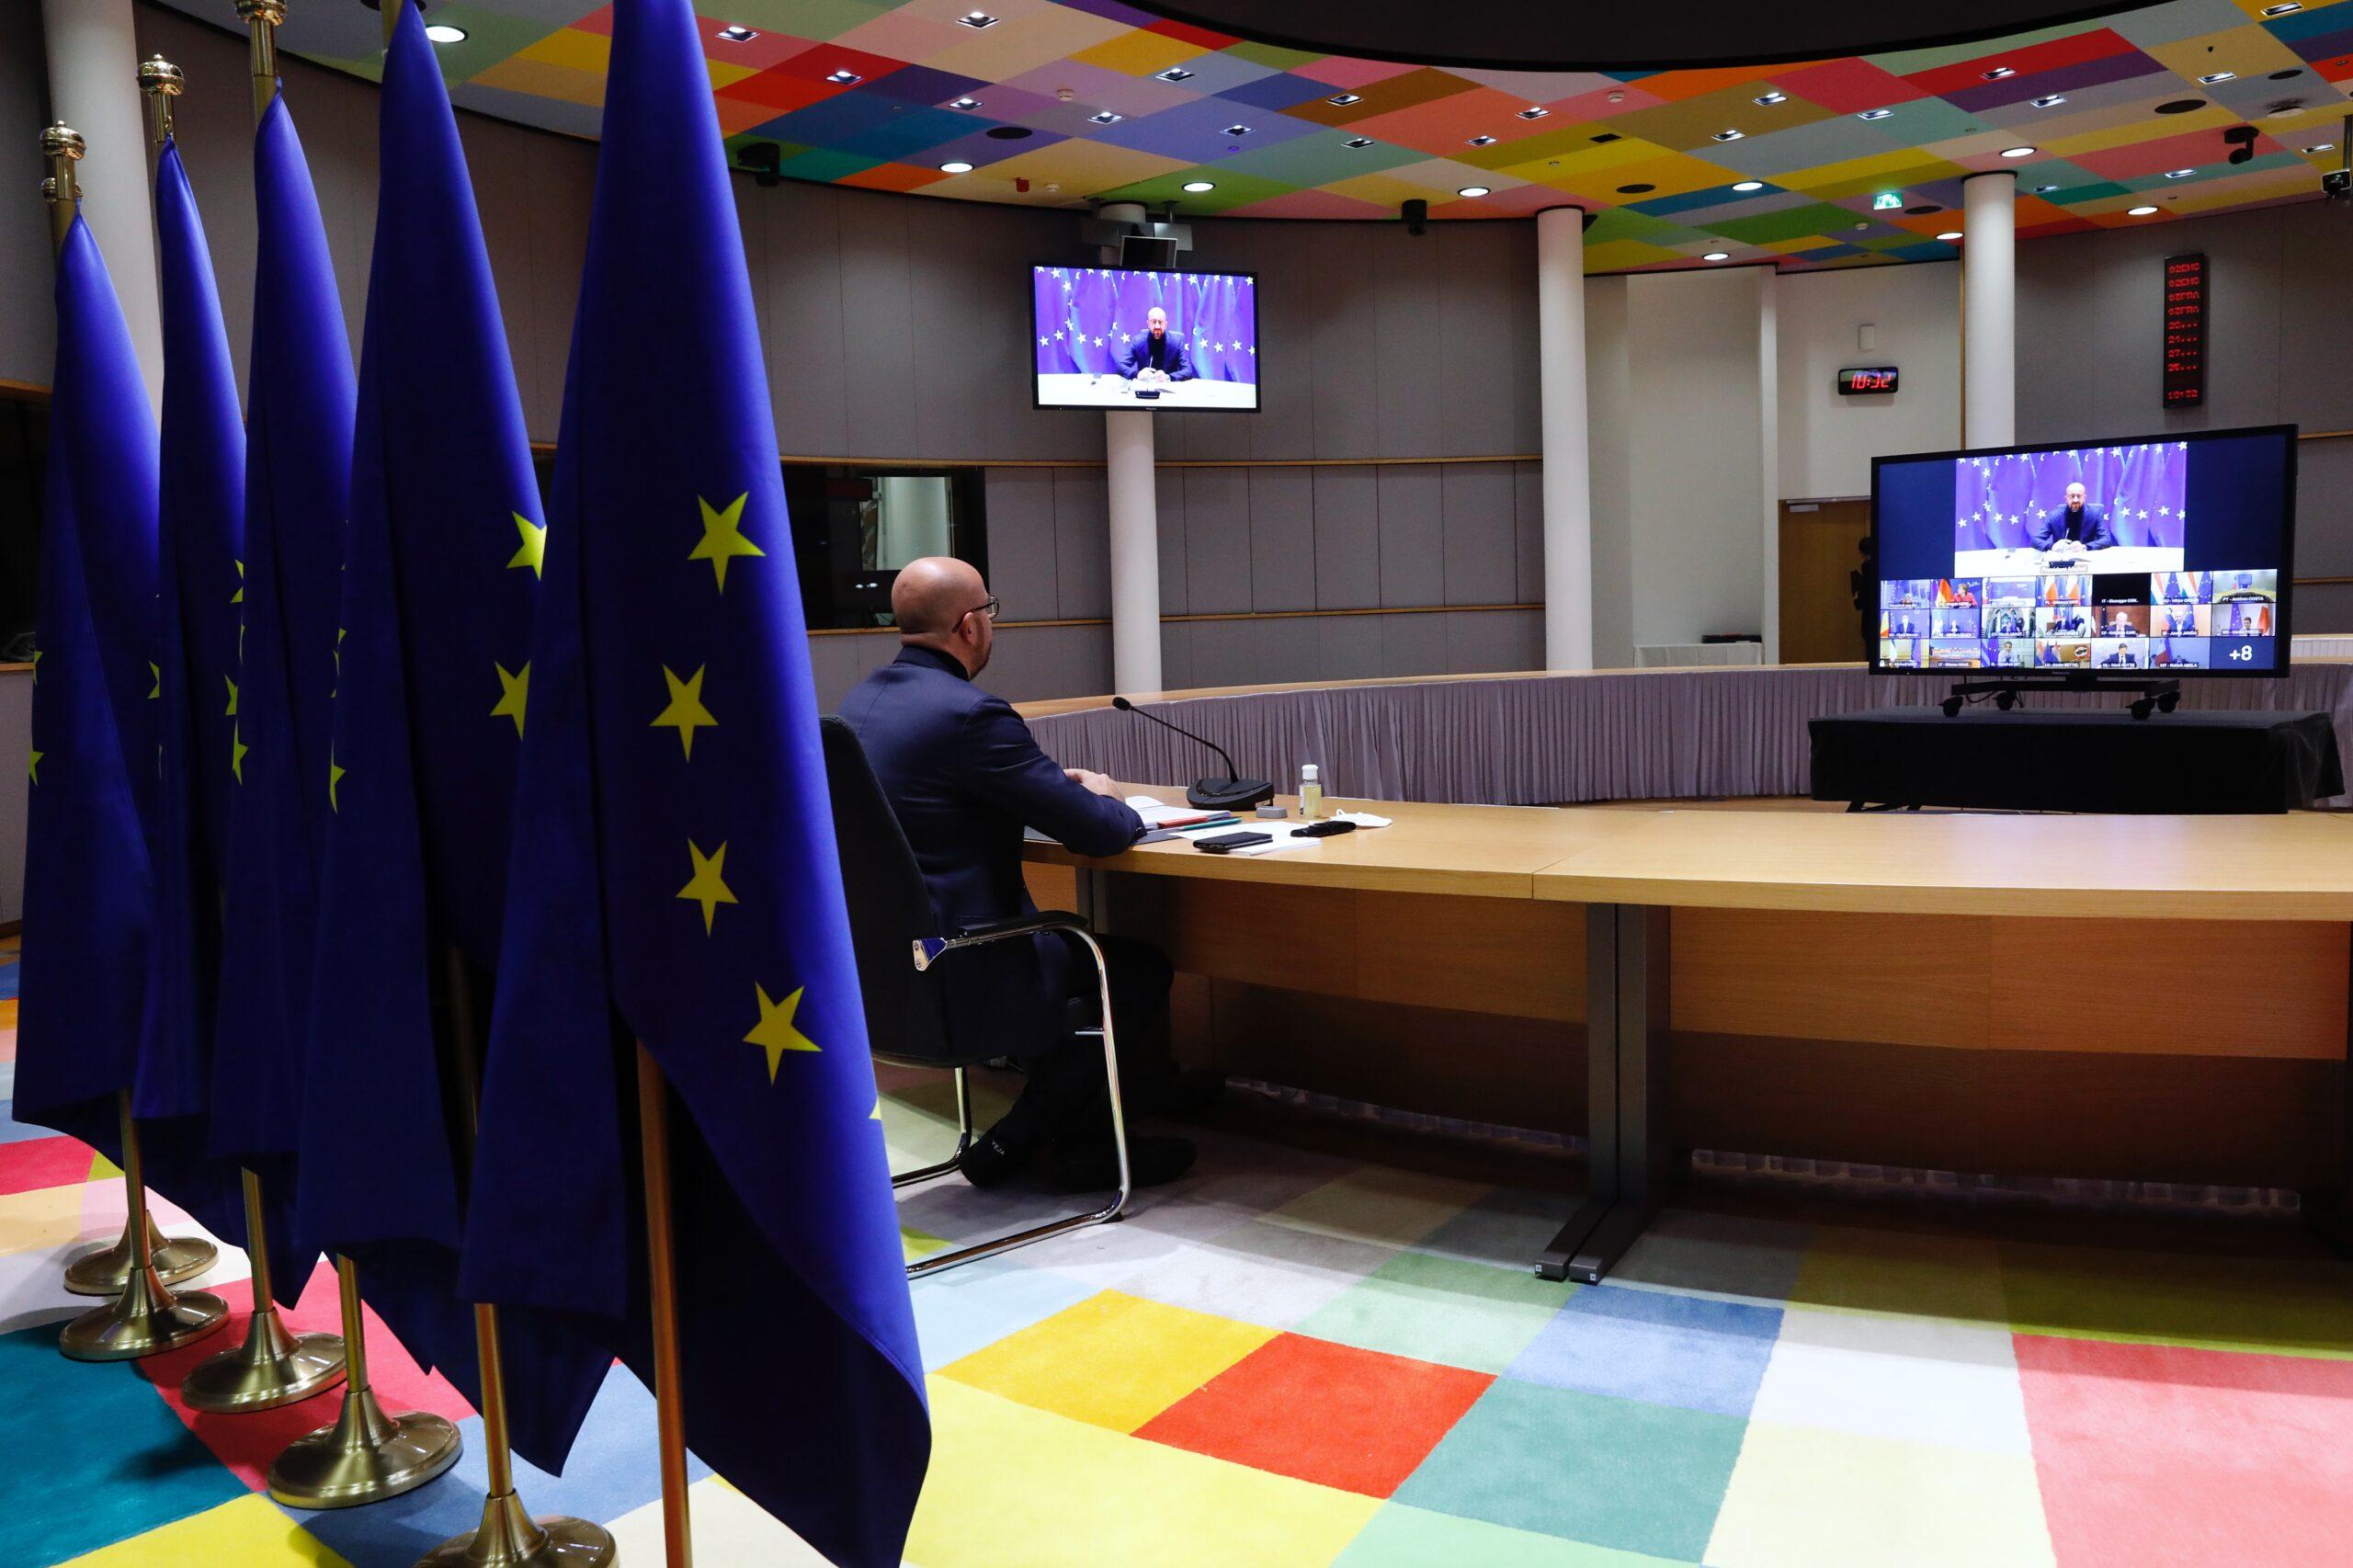 El president del Consell d'Europa, Charles Michel, durant una videoconferència (ACN)